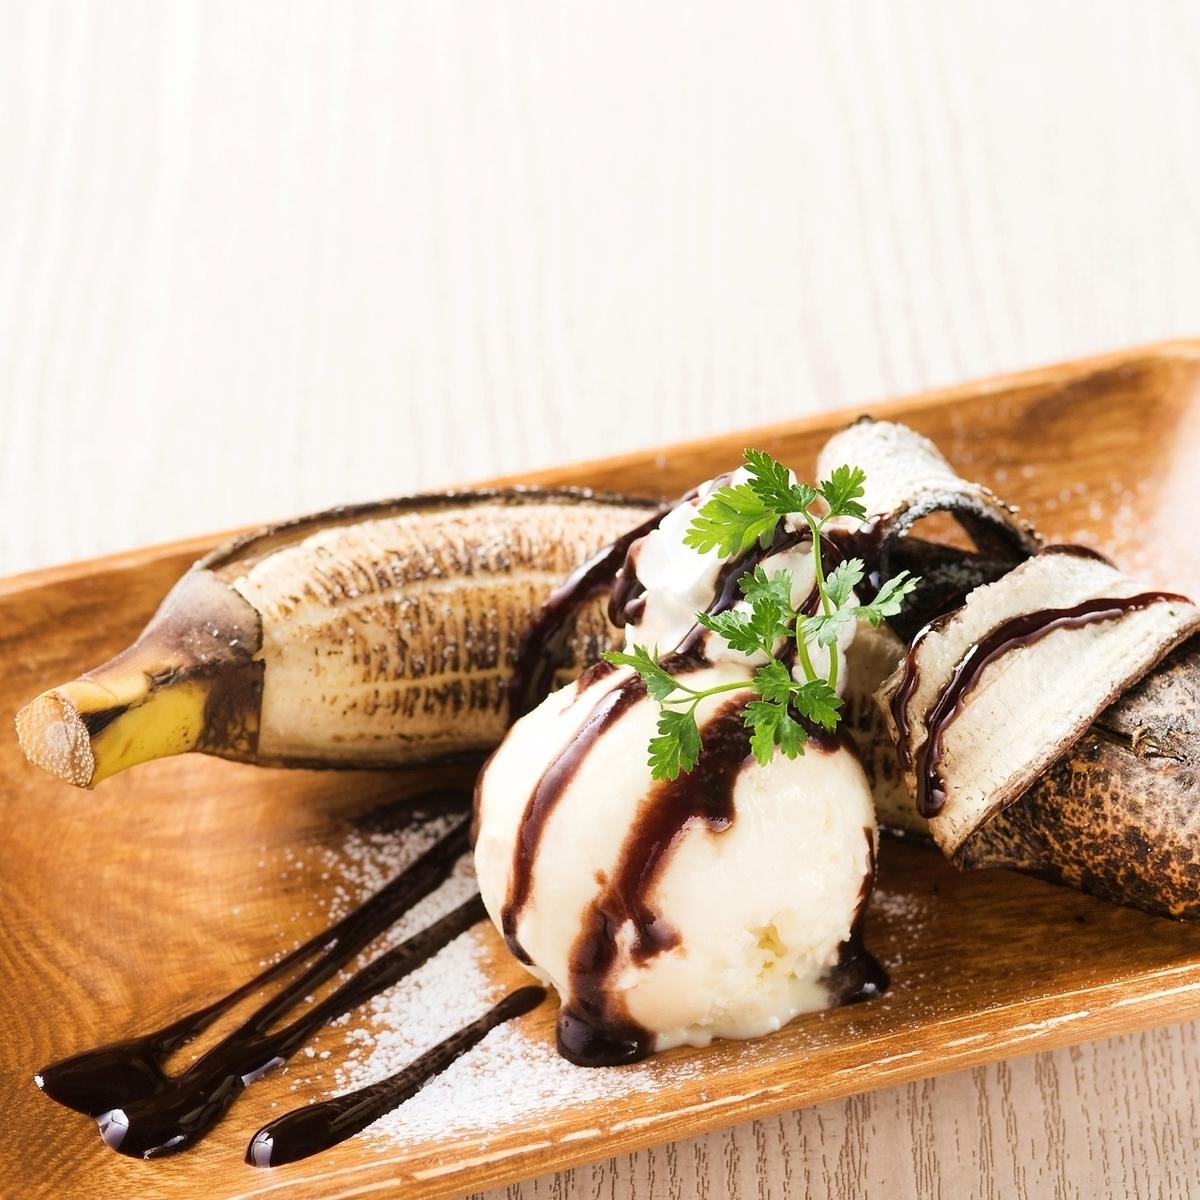 구운 바나나 아이스크림을 곁들여